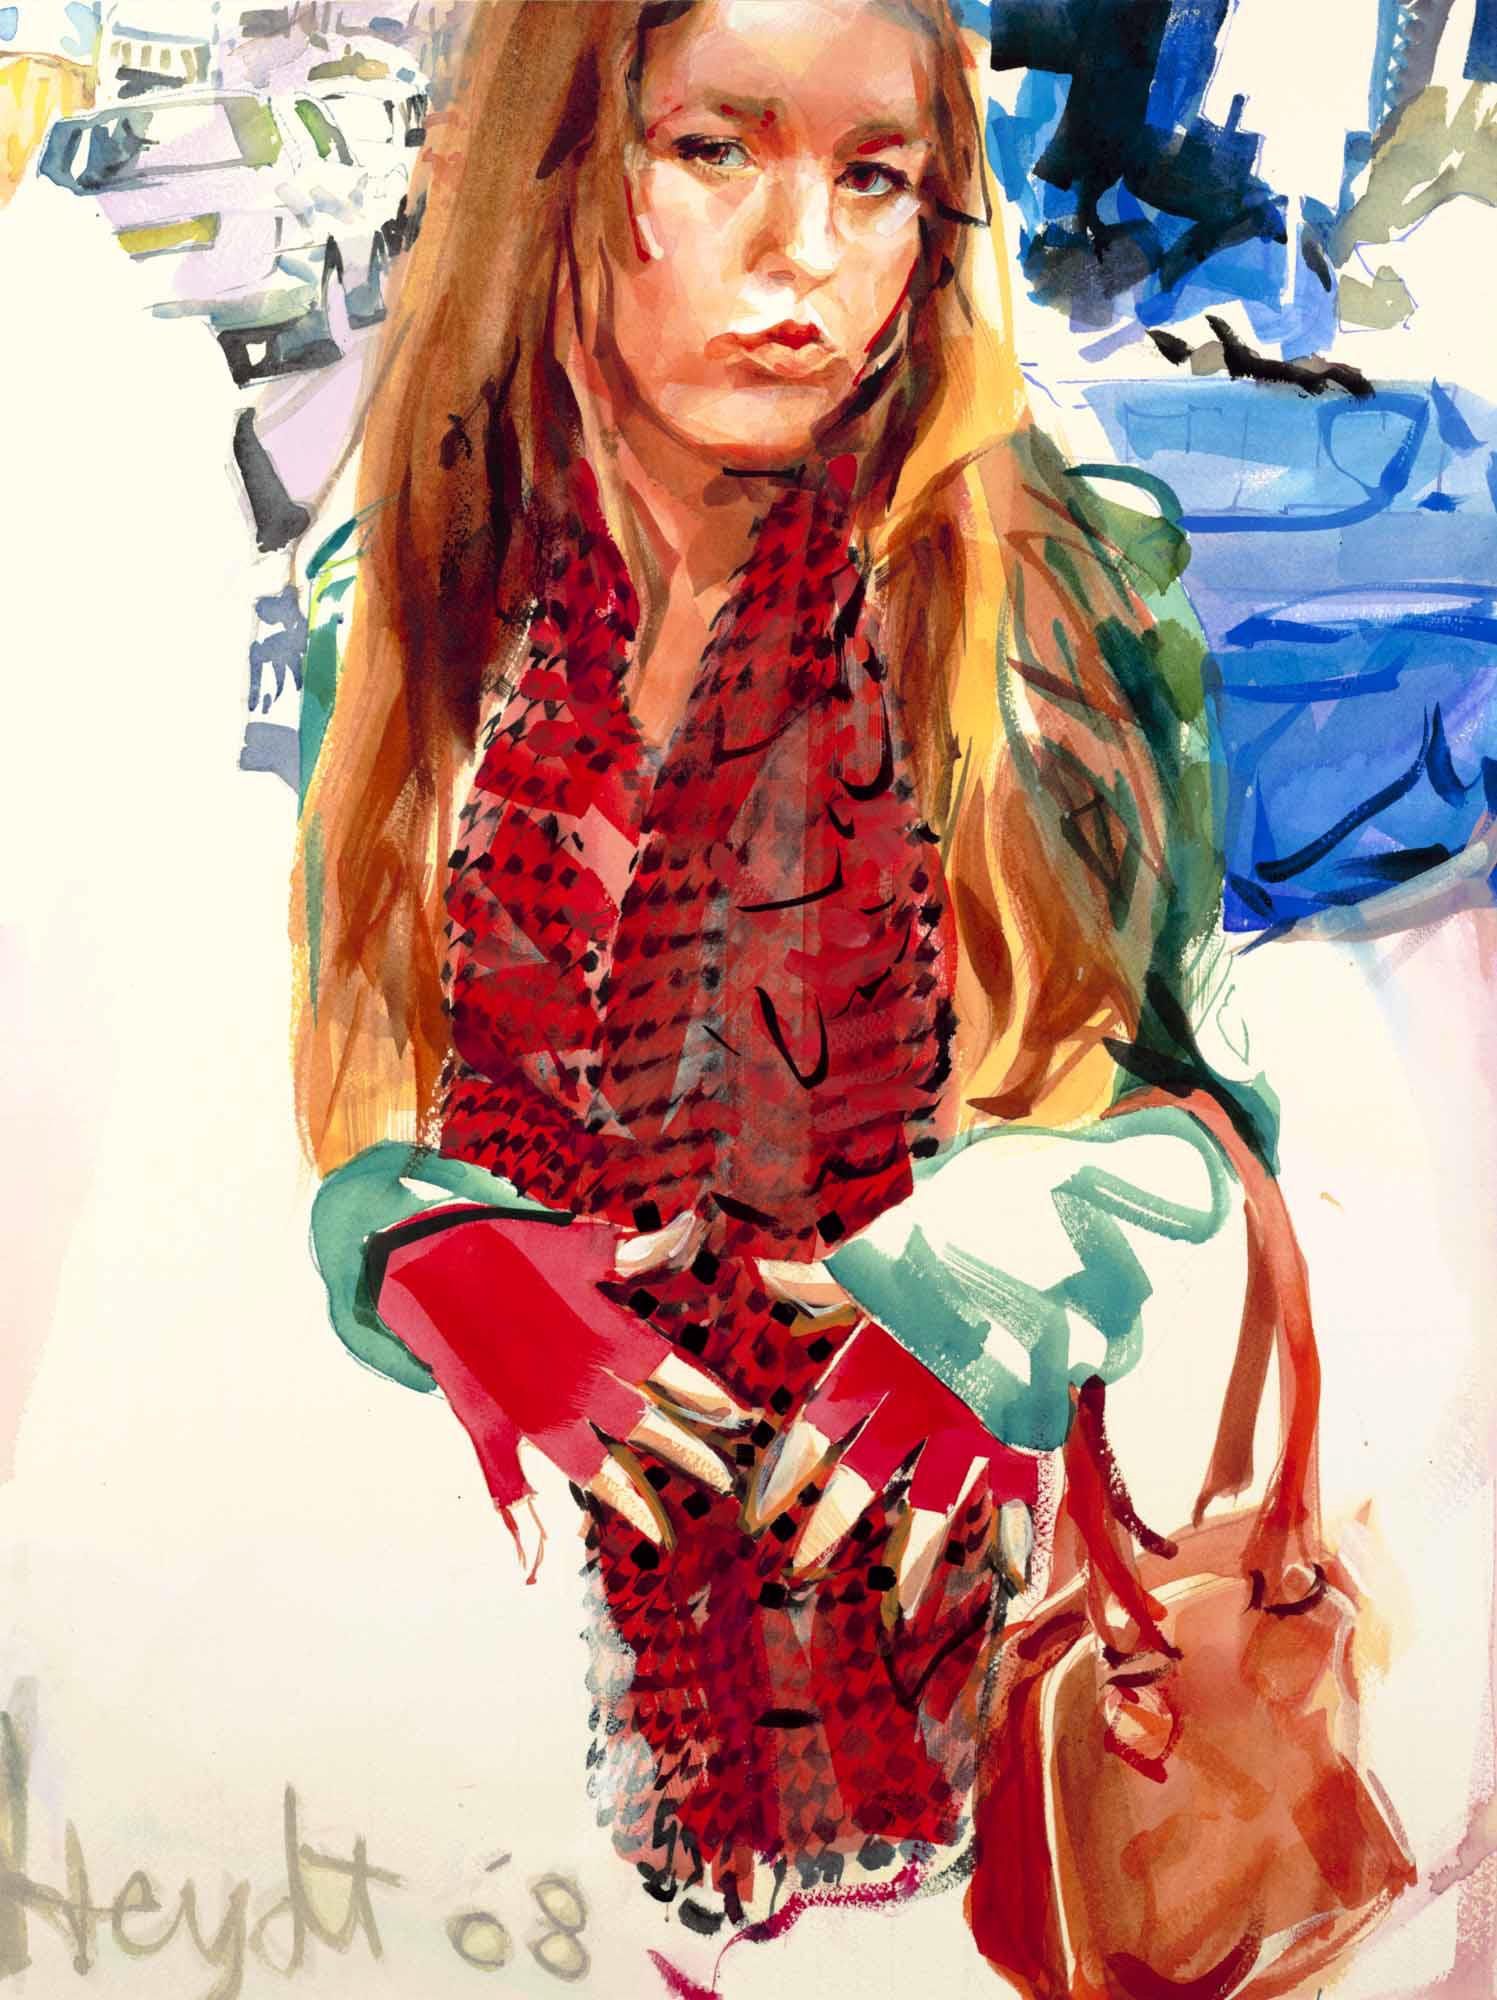 NewportantIII-Sam's Red Gloves.jpg